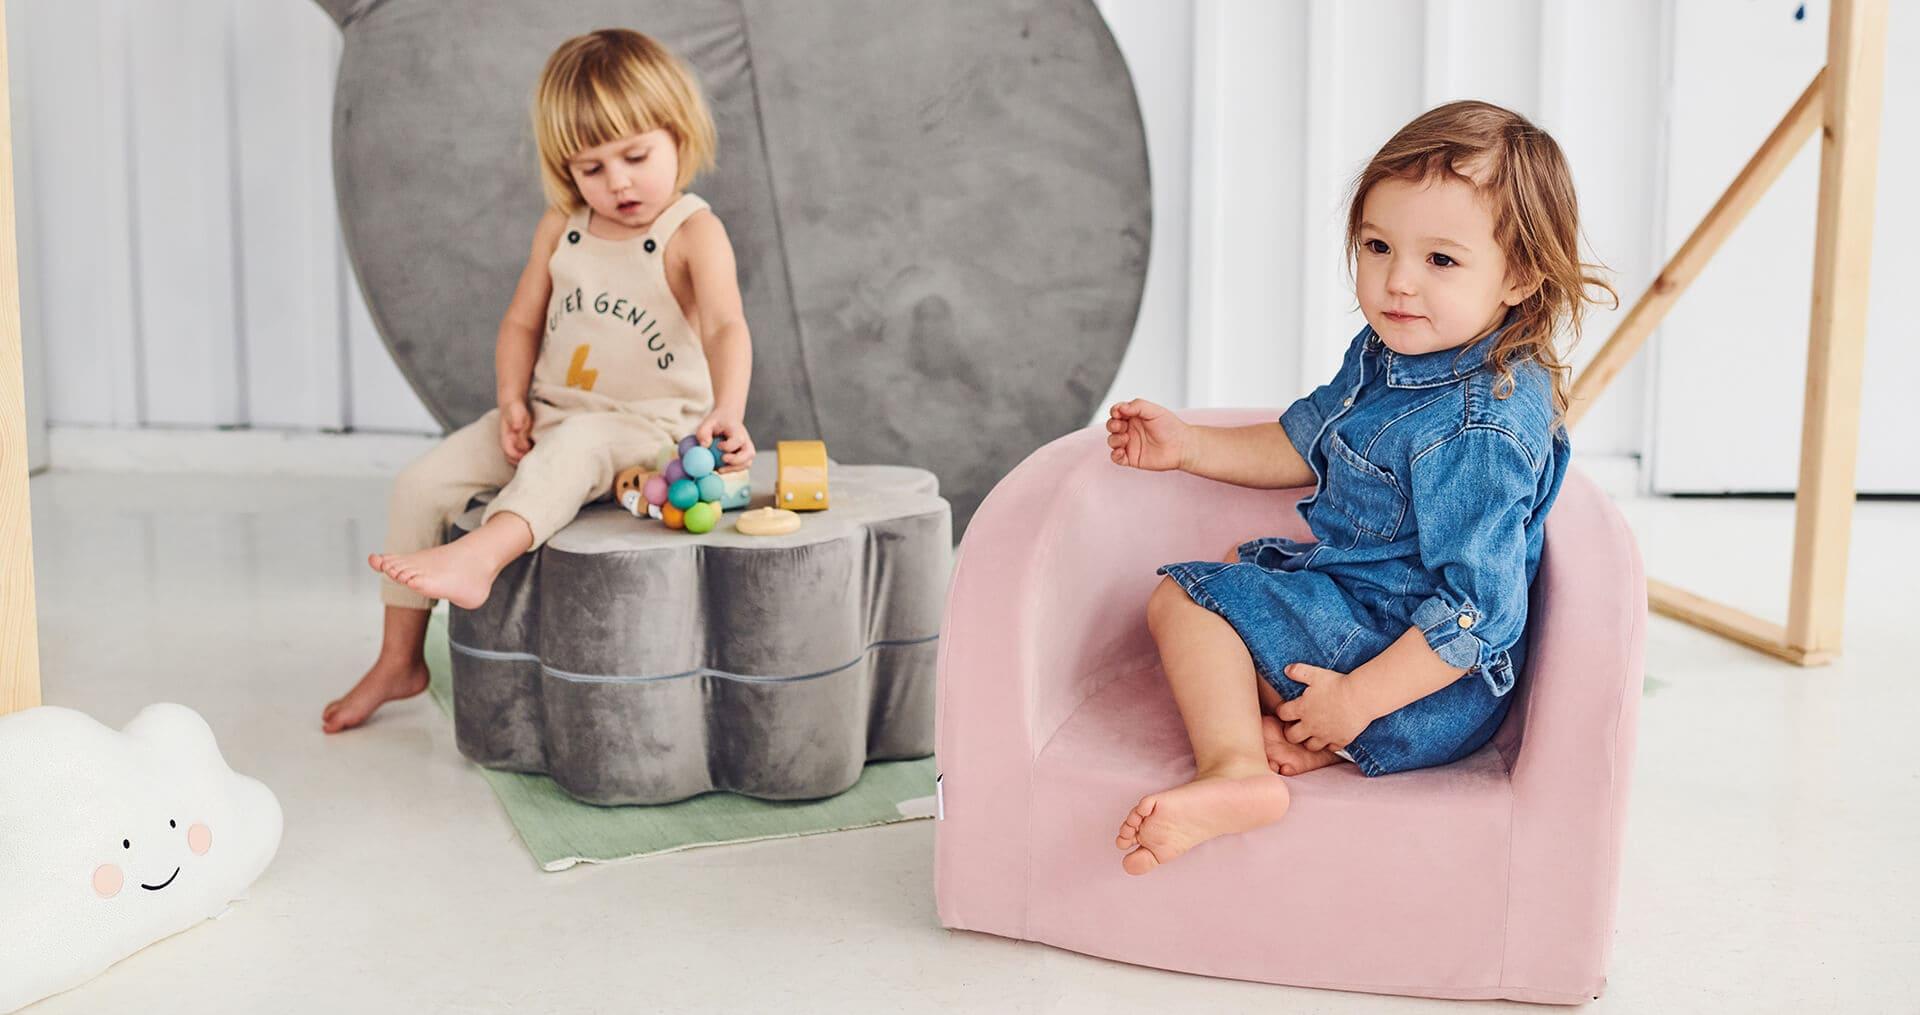 Welchen Sessel soll ich für das Kinderzimmer wählen?